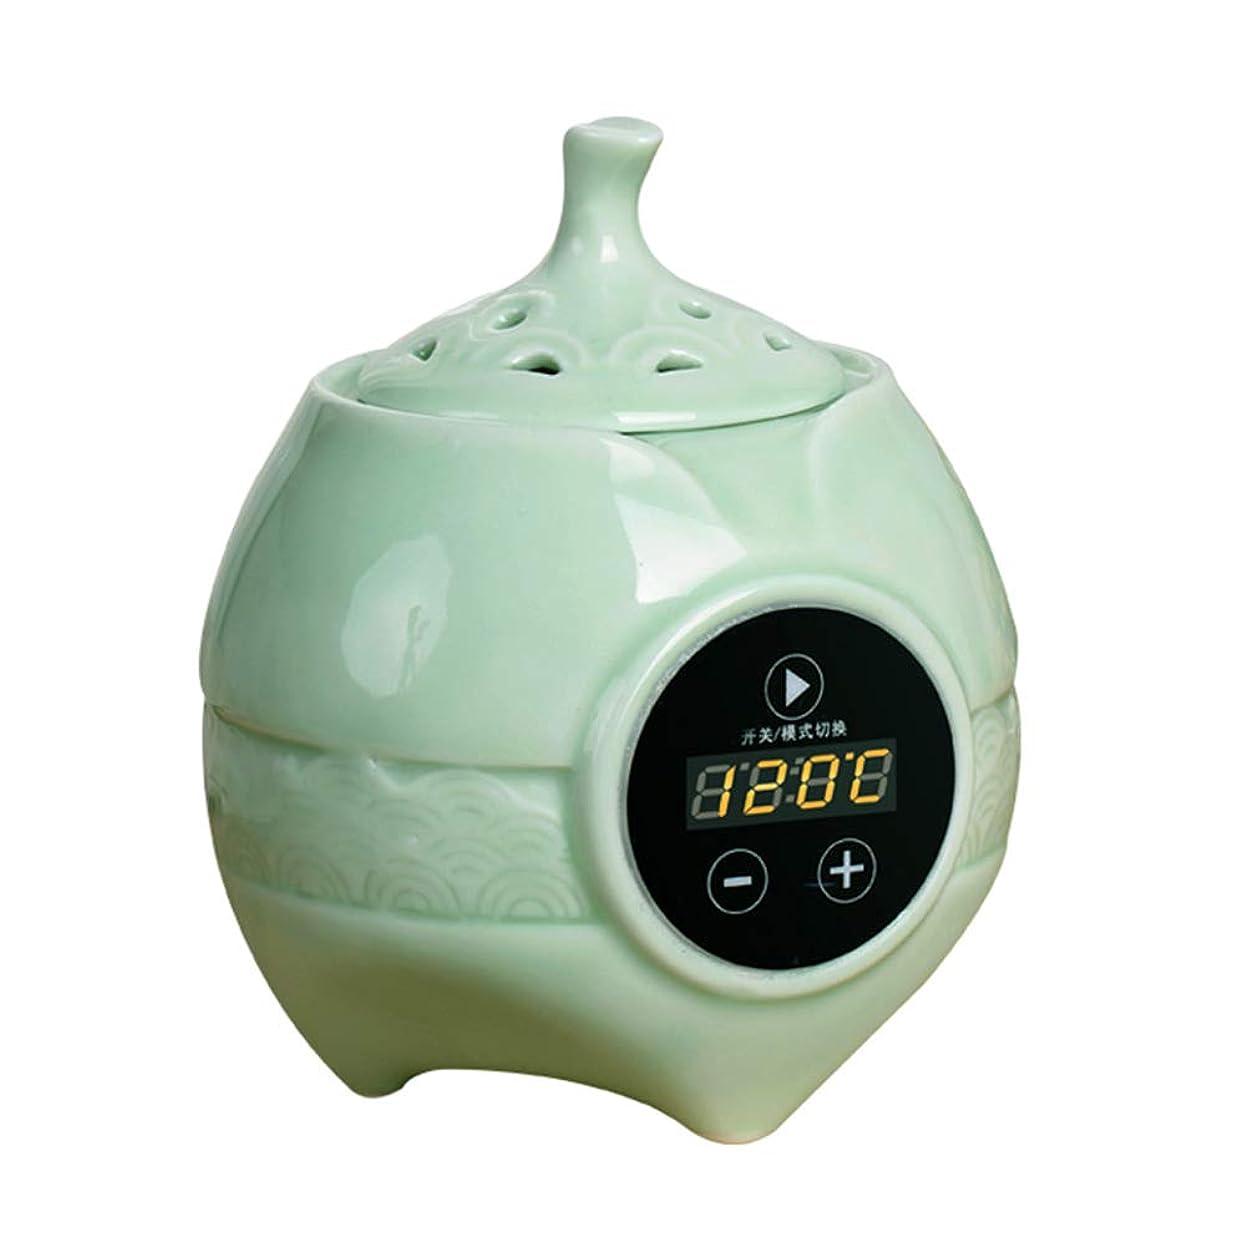 アプライアンス酸化する連続的アロマディフューザー LCD温度制御 香炉、 電気セラミック 寒天 エッセンシャルオイル アロマテラピーディフューザー、 ホーム磁器、 バルコニー、 ポーチ、 パティオ、 ガーデンエッセンシャル セラミック電気香炉